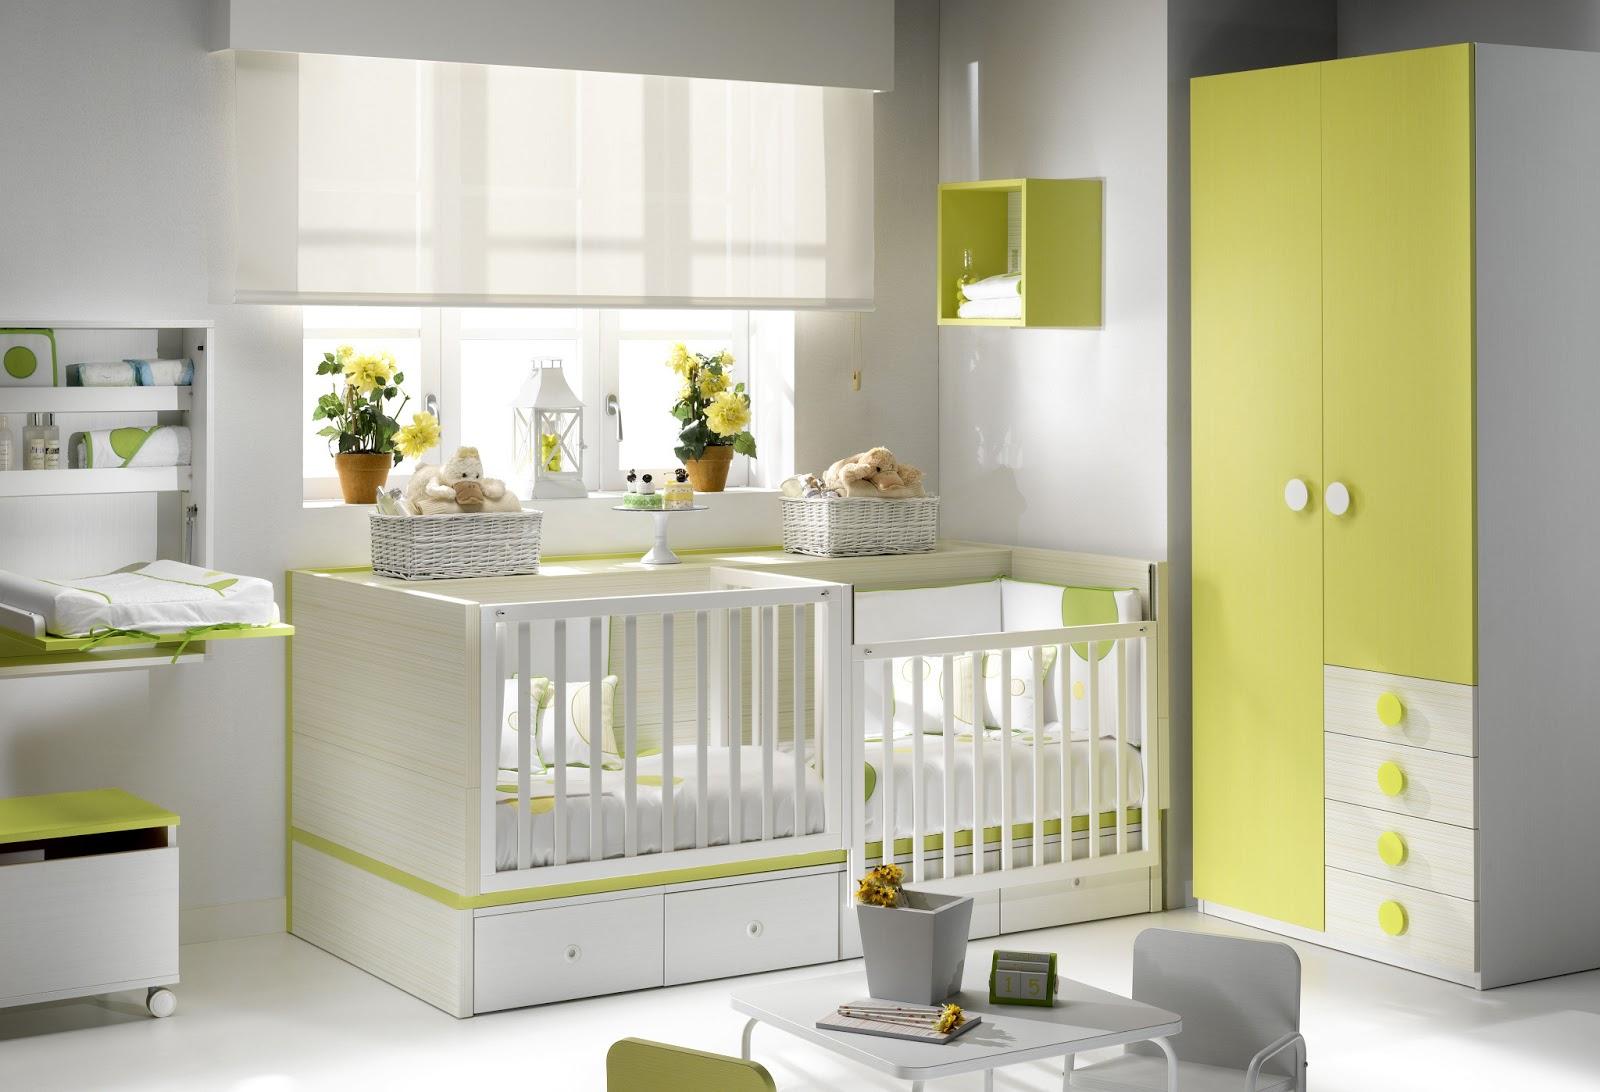 mobilier enfant et junior: Lit bébé évolutif jumeaux, un meuble joli ...